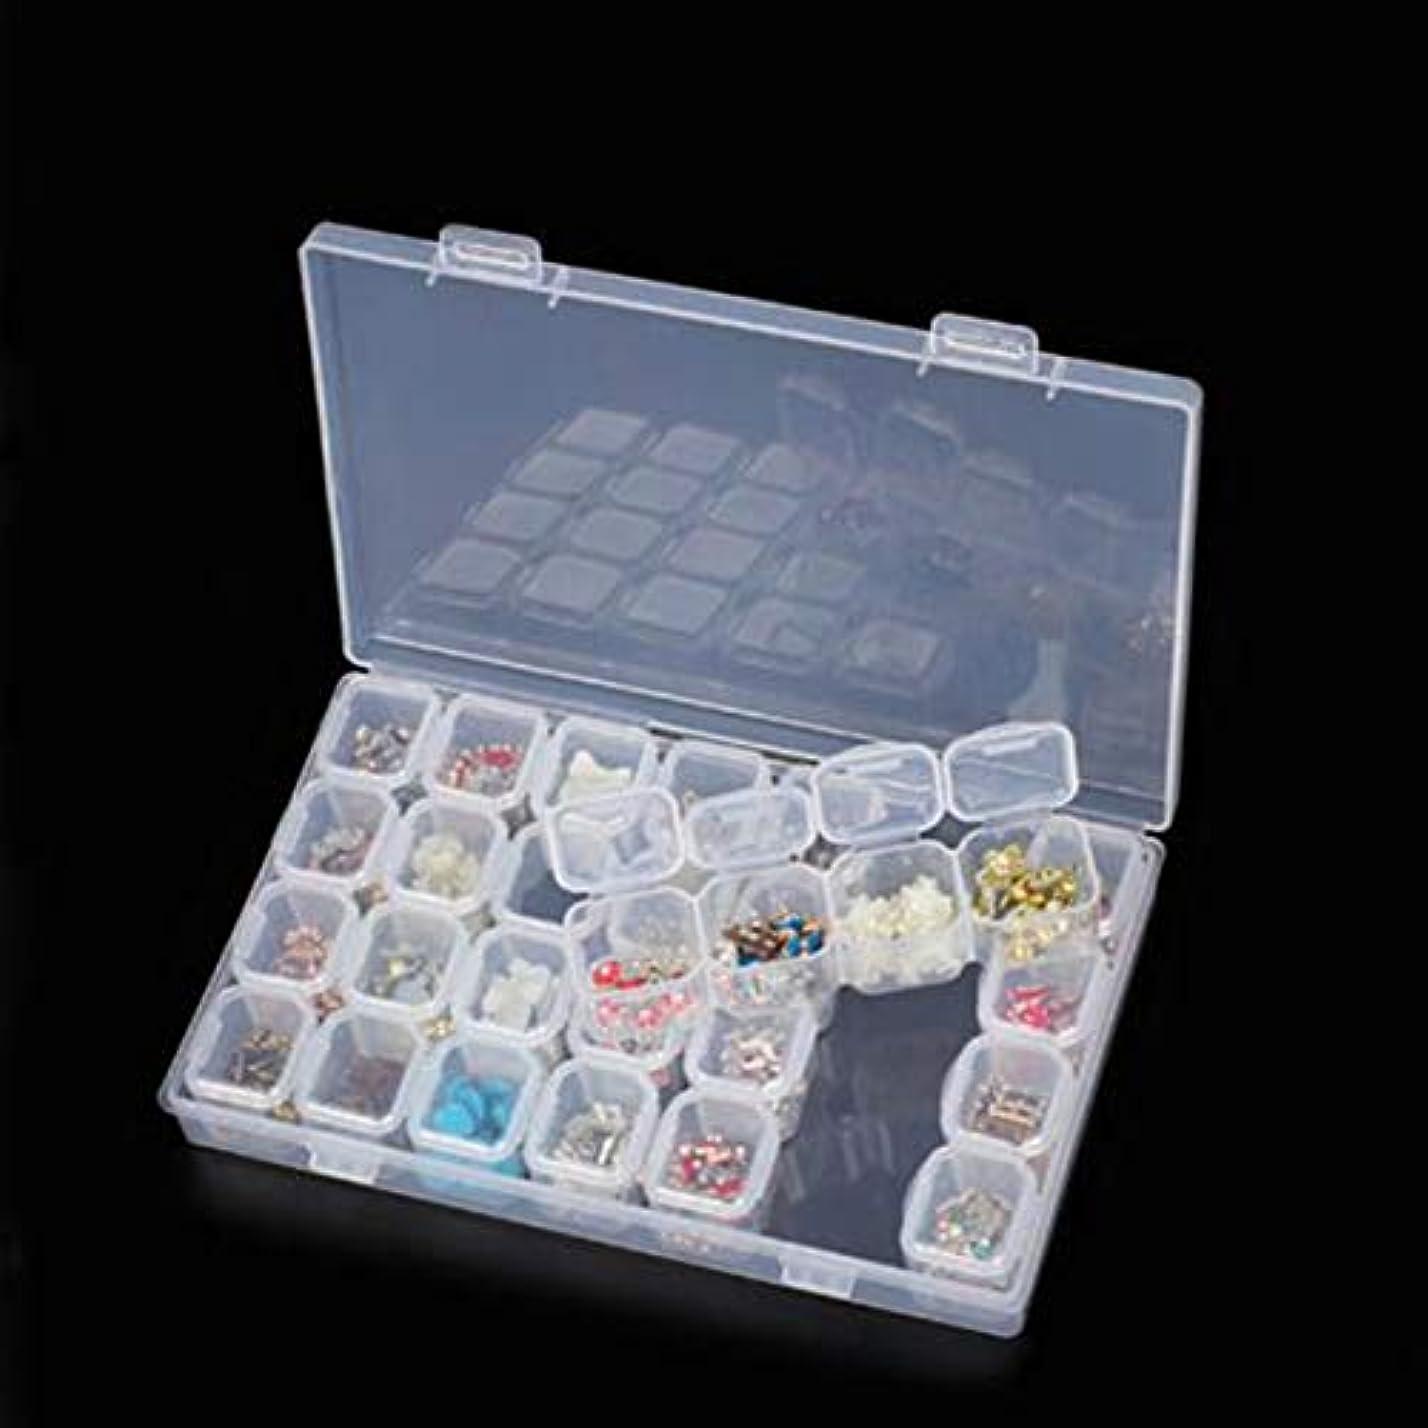 Birdlantern 28スロットプラスチック収納ボックスダイヤモンド塗装キットネイルアートラインストーンツールビーズ収納ボックスケースオーガナイザーホルダー